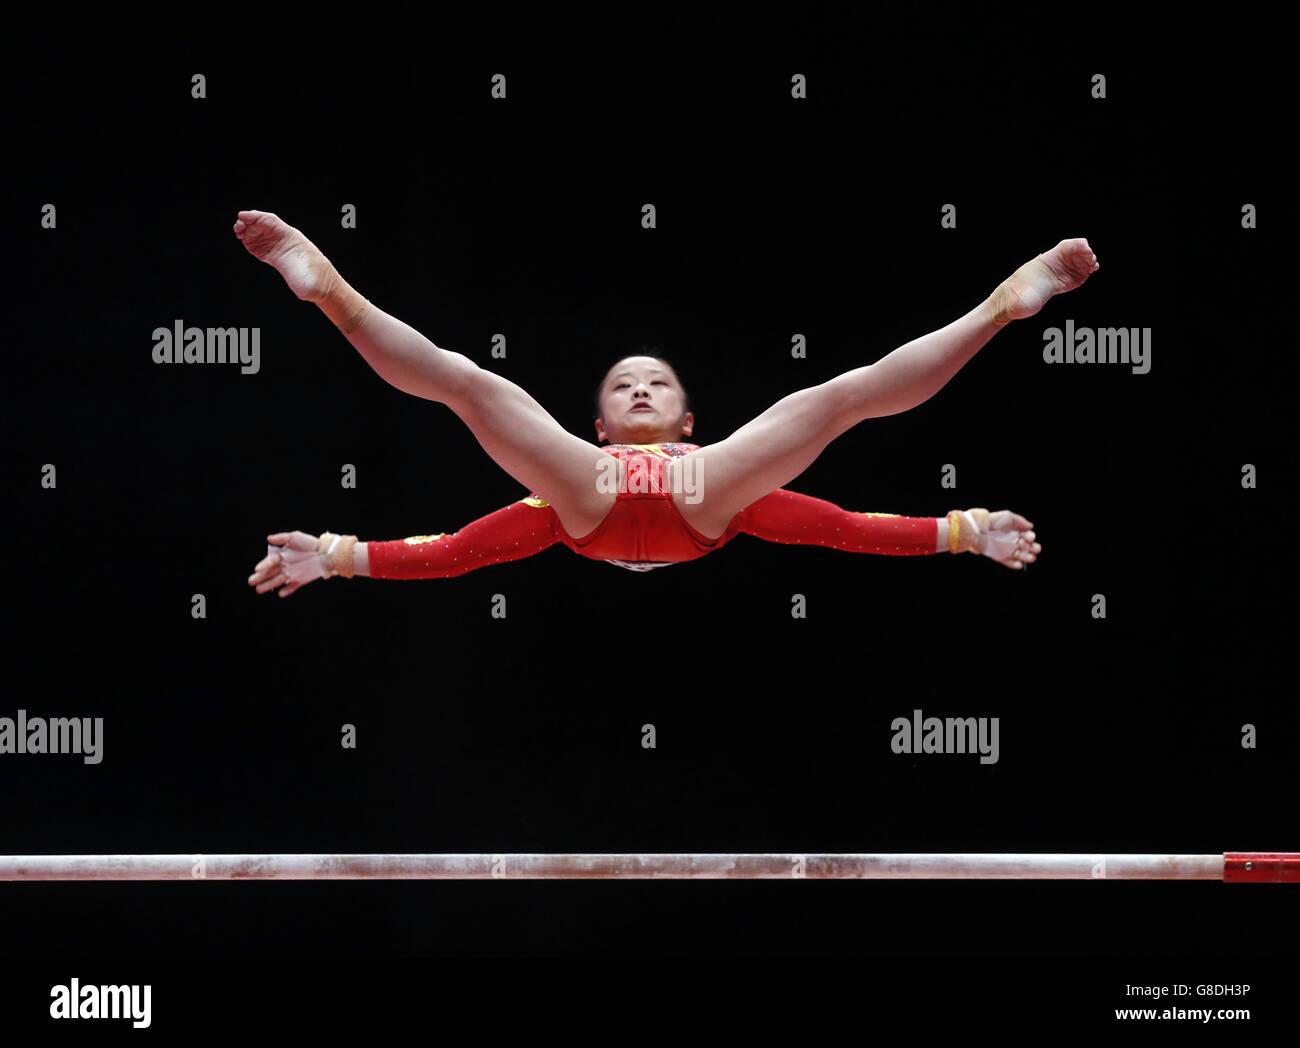 Ginnastica - 2015 Campionati del Mondo - Giorno 5 - la SSE Idro Immagini Stock